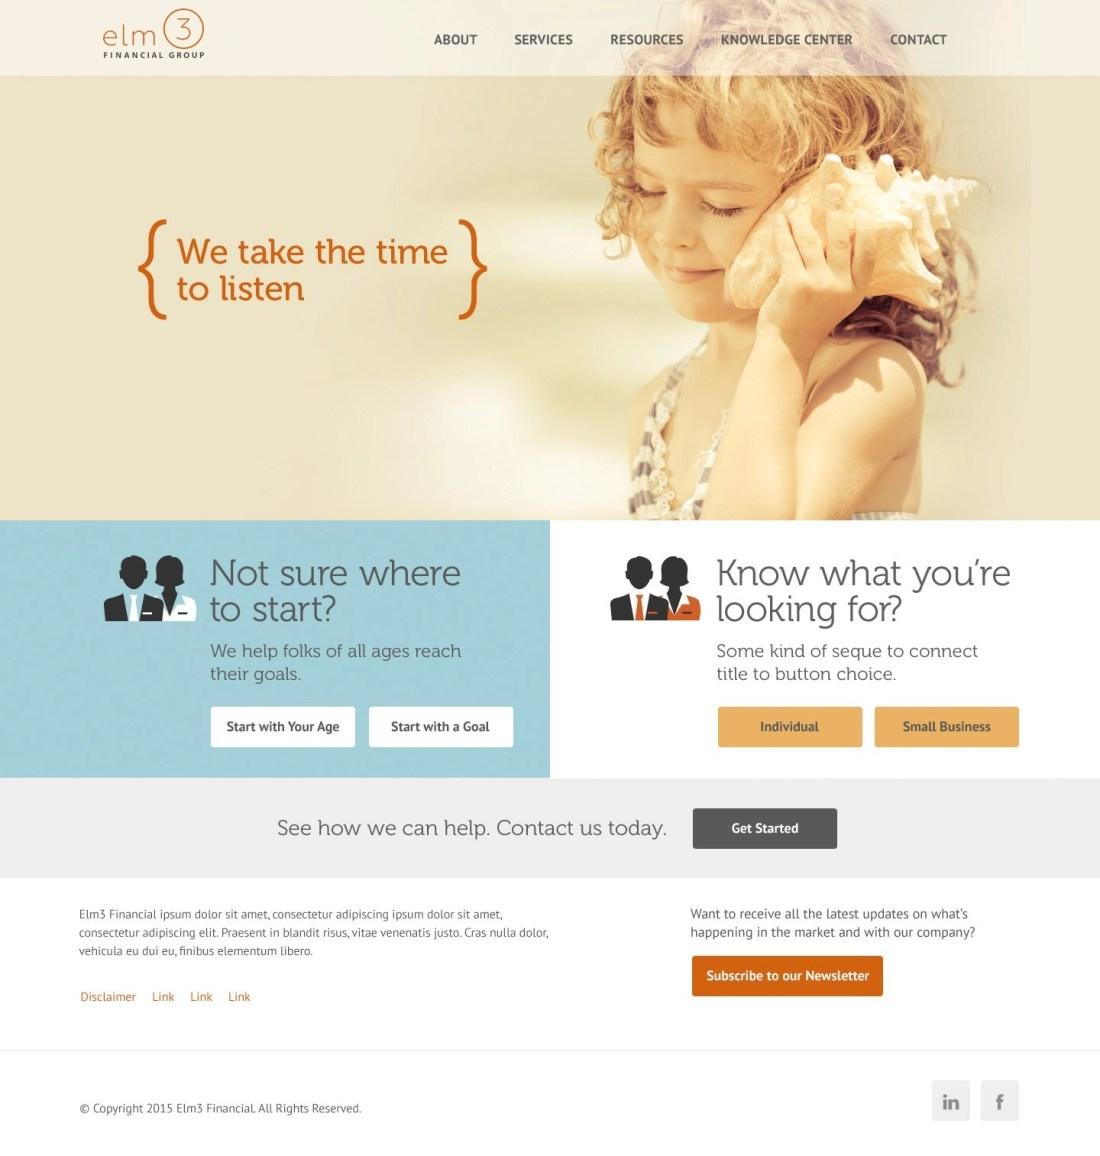 Alpharetta Small Business Accounting Firm Website Design - Elm3 Financial Services Website